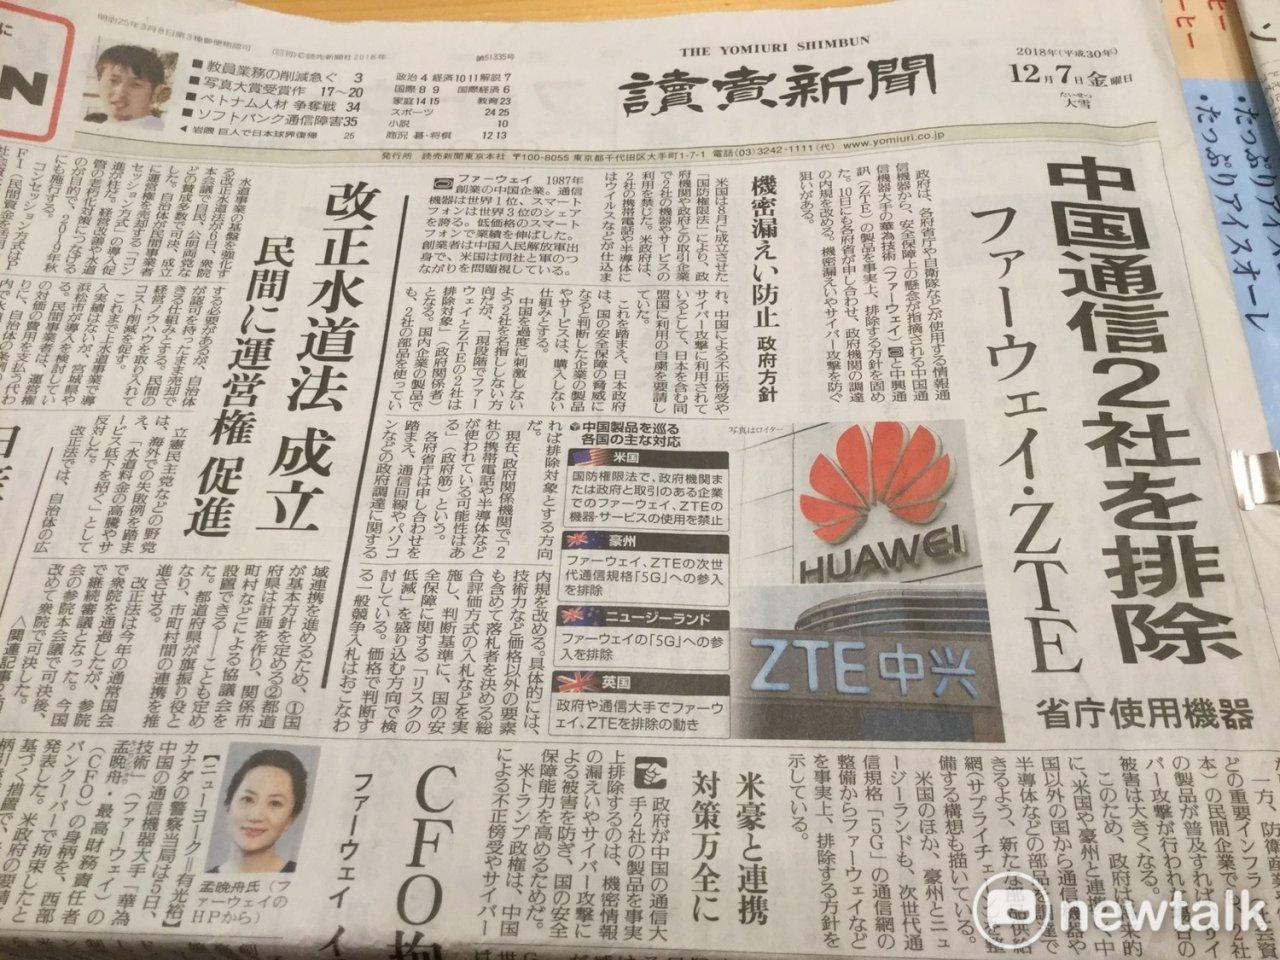 劉黎兒觀點》日本為了國家安全不採用「華為」及「中興」通訊產品 擔心機密外洩及遭網攻